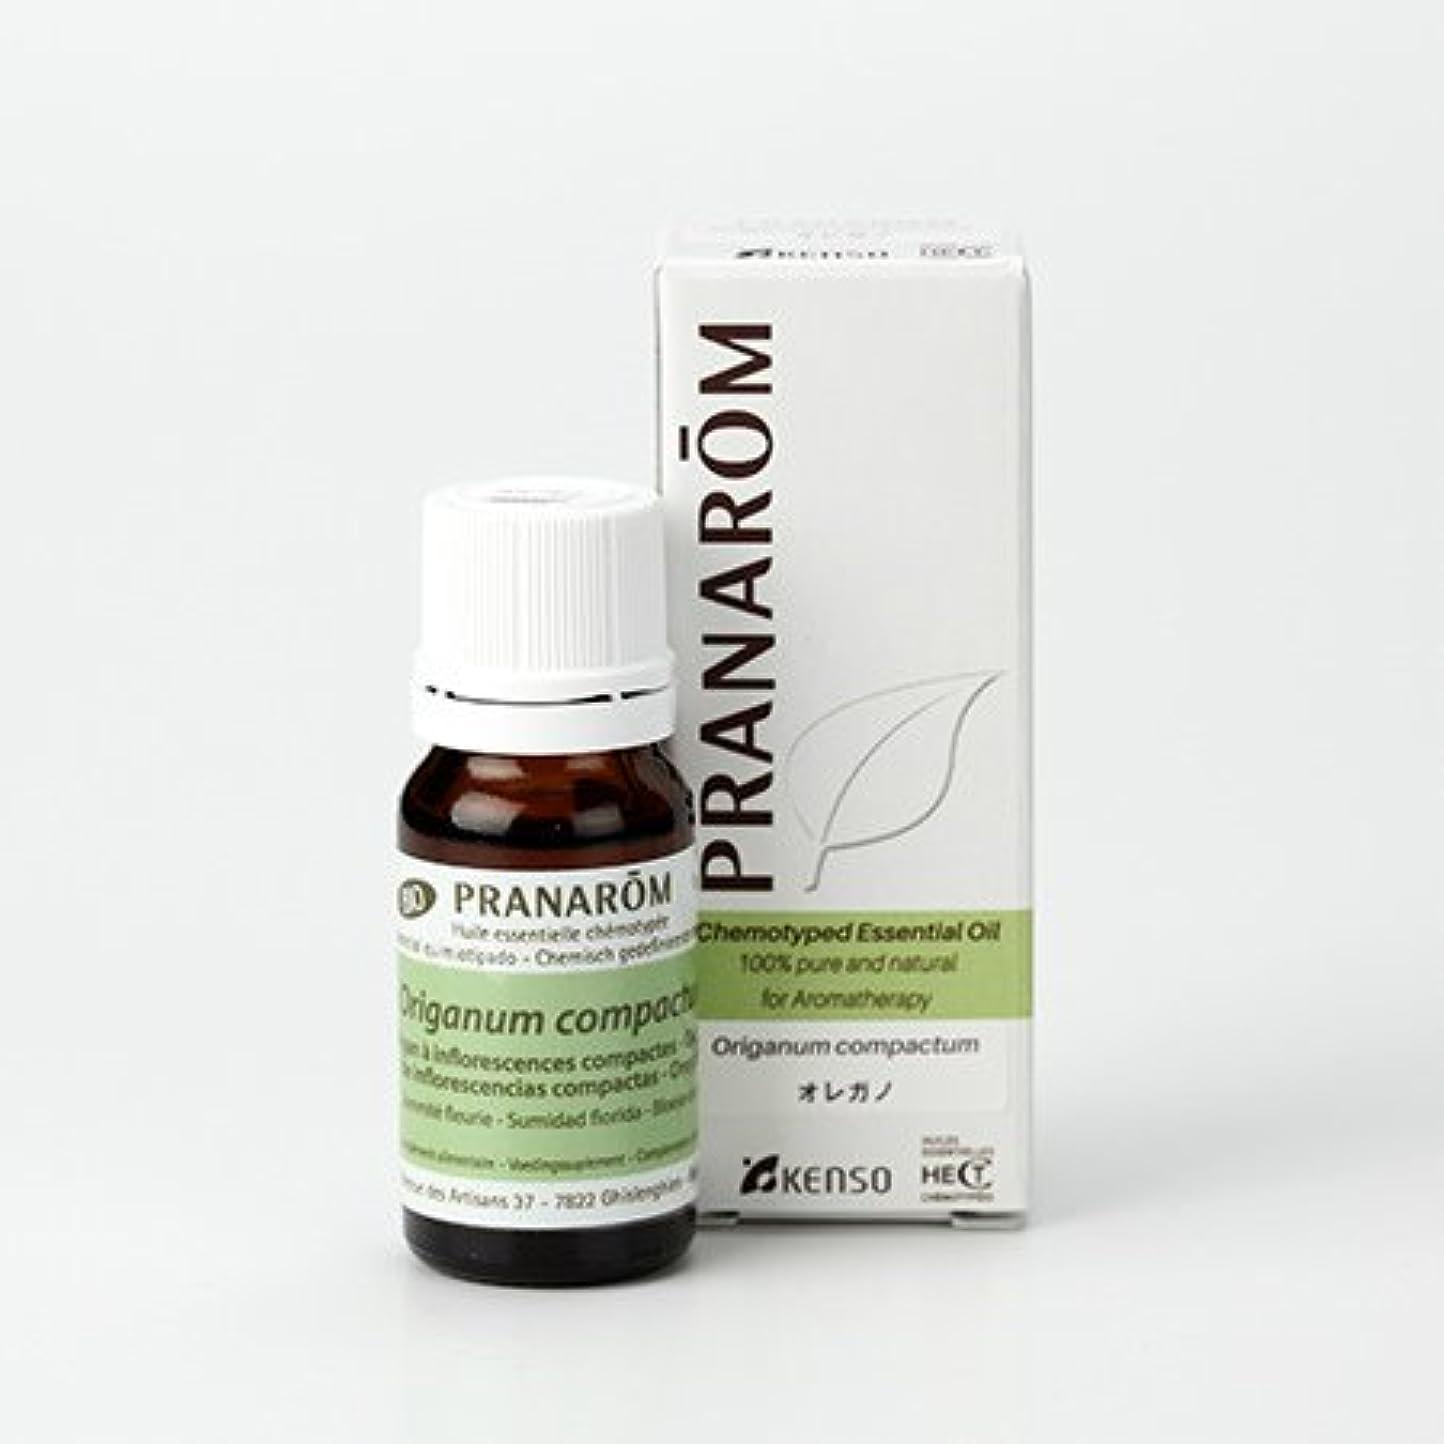 アラバマ自動条件付きプラナロム オレガノ 10ml (PRANAROM ケモタイプ精油)